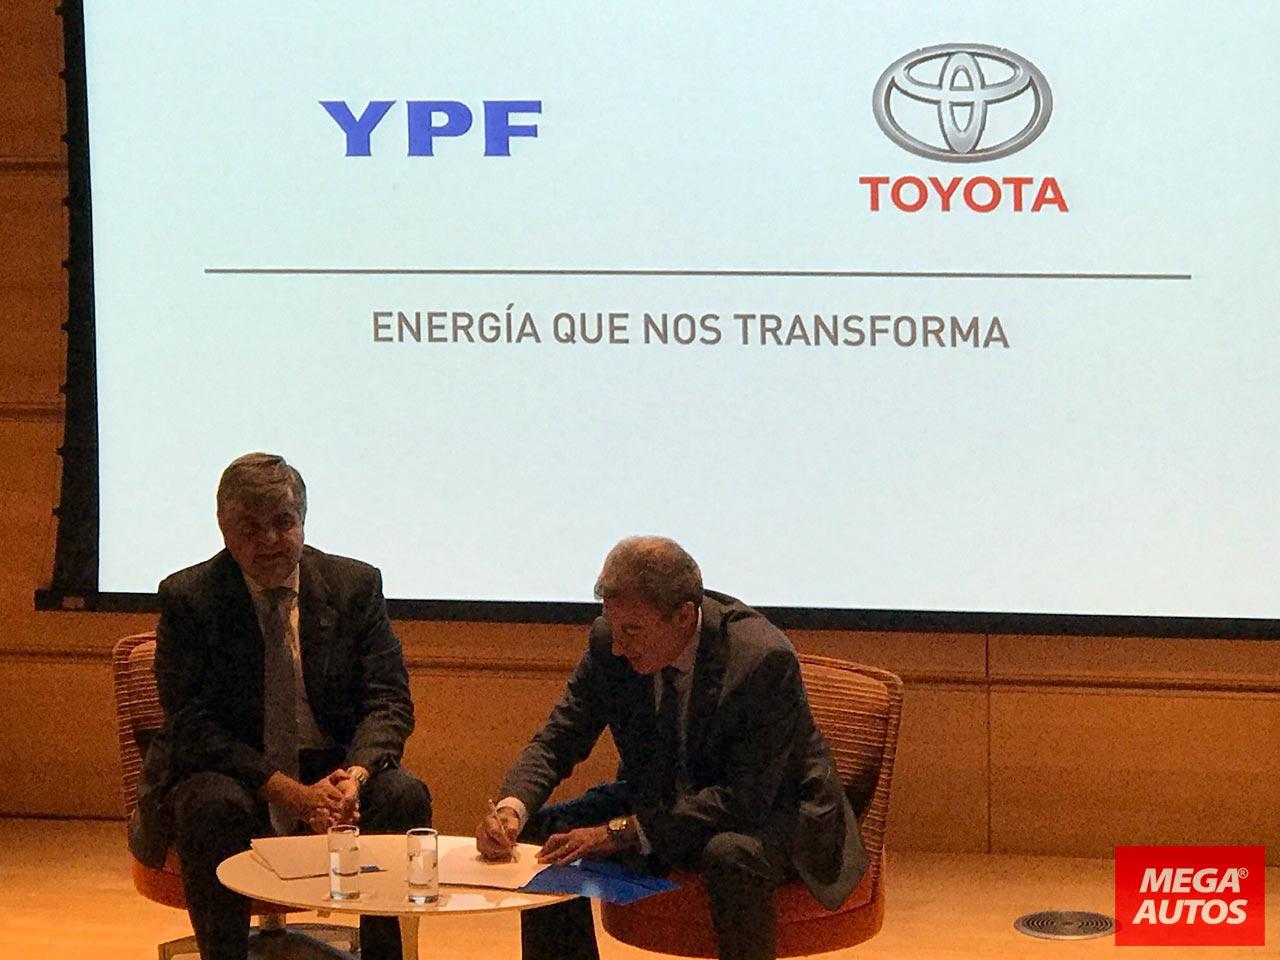 Acuerdo YPF Toyota